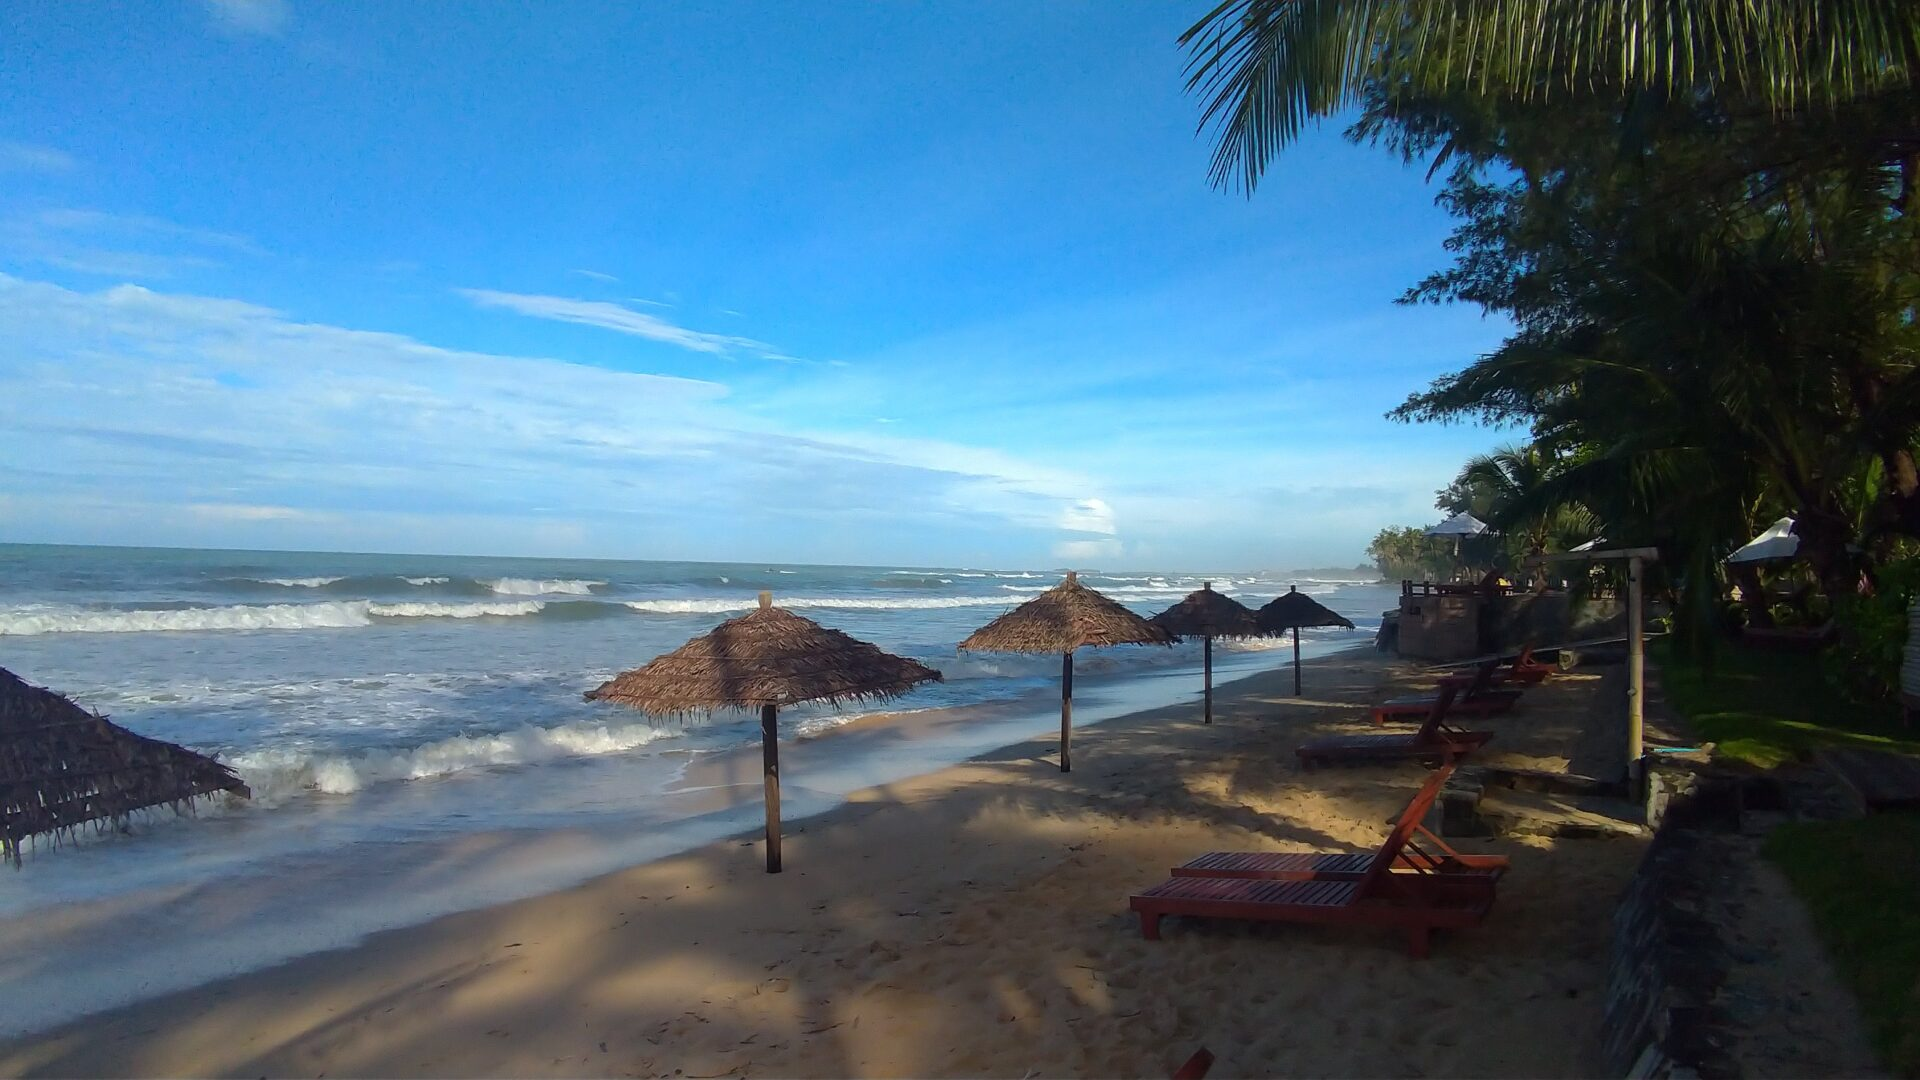 ガパリビーチに観光-砂浜に佇む日傘